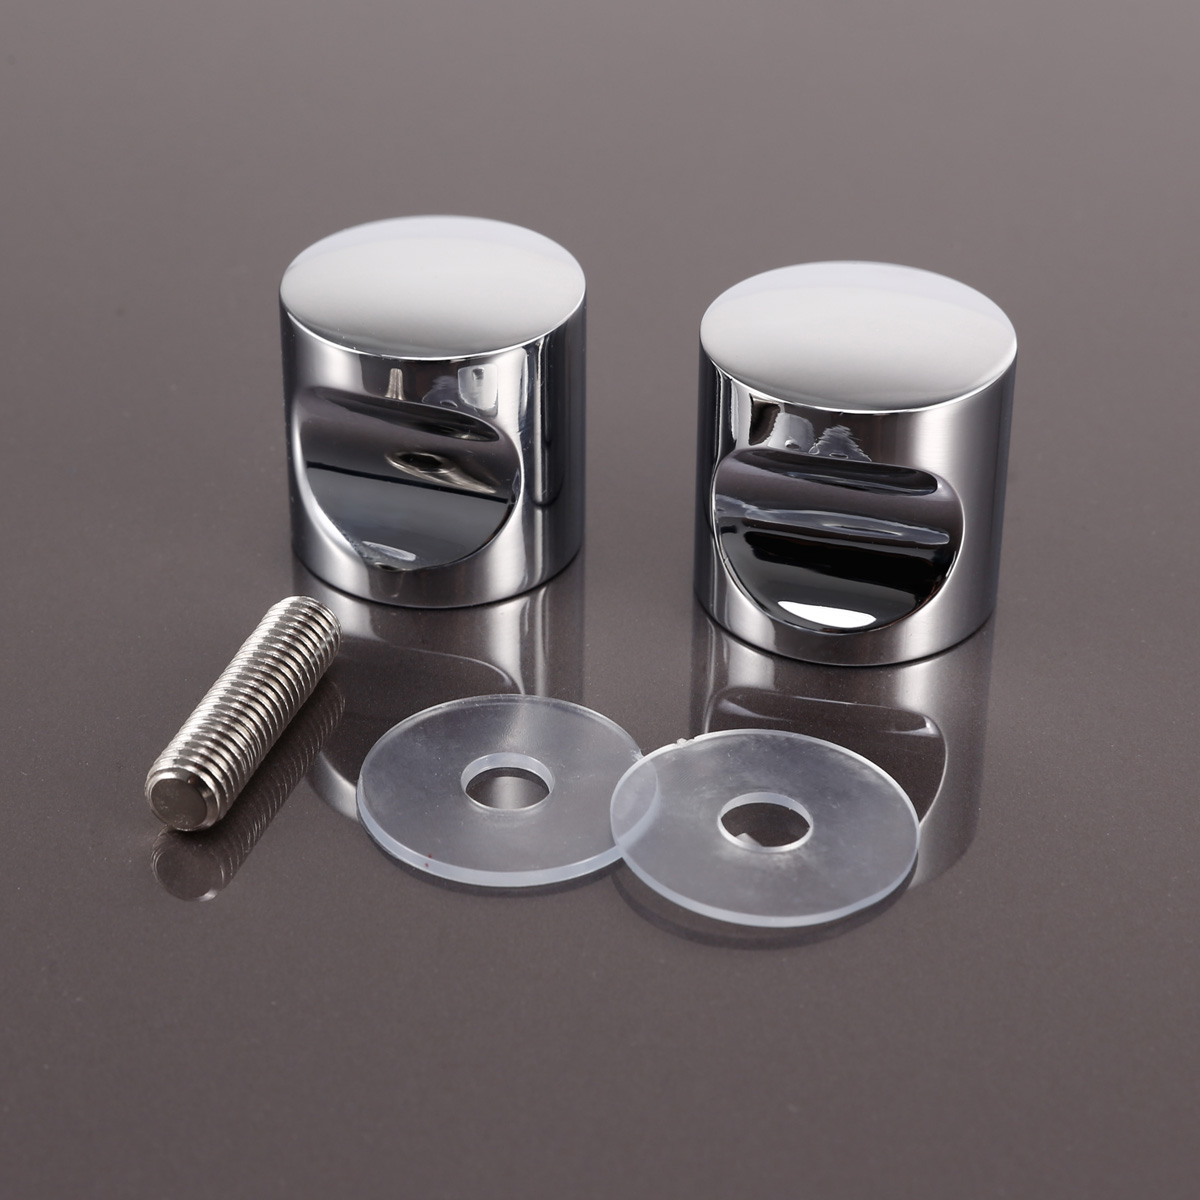 2 set pomo aluminio para puerta de vidrio tirador para - Tirador puerta cristal ...